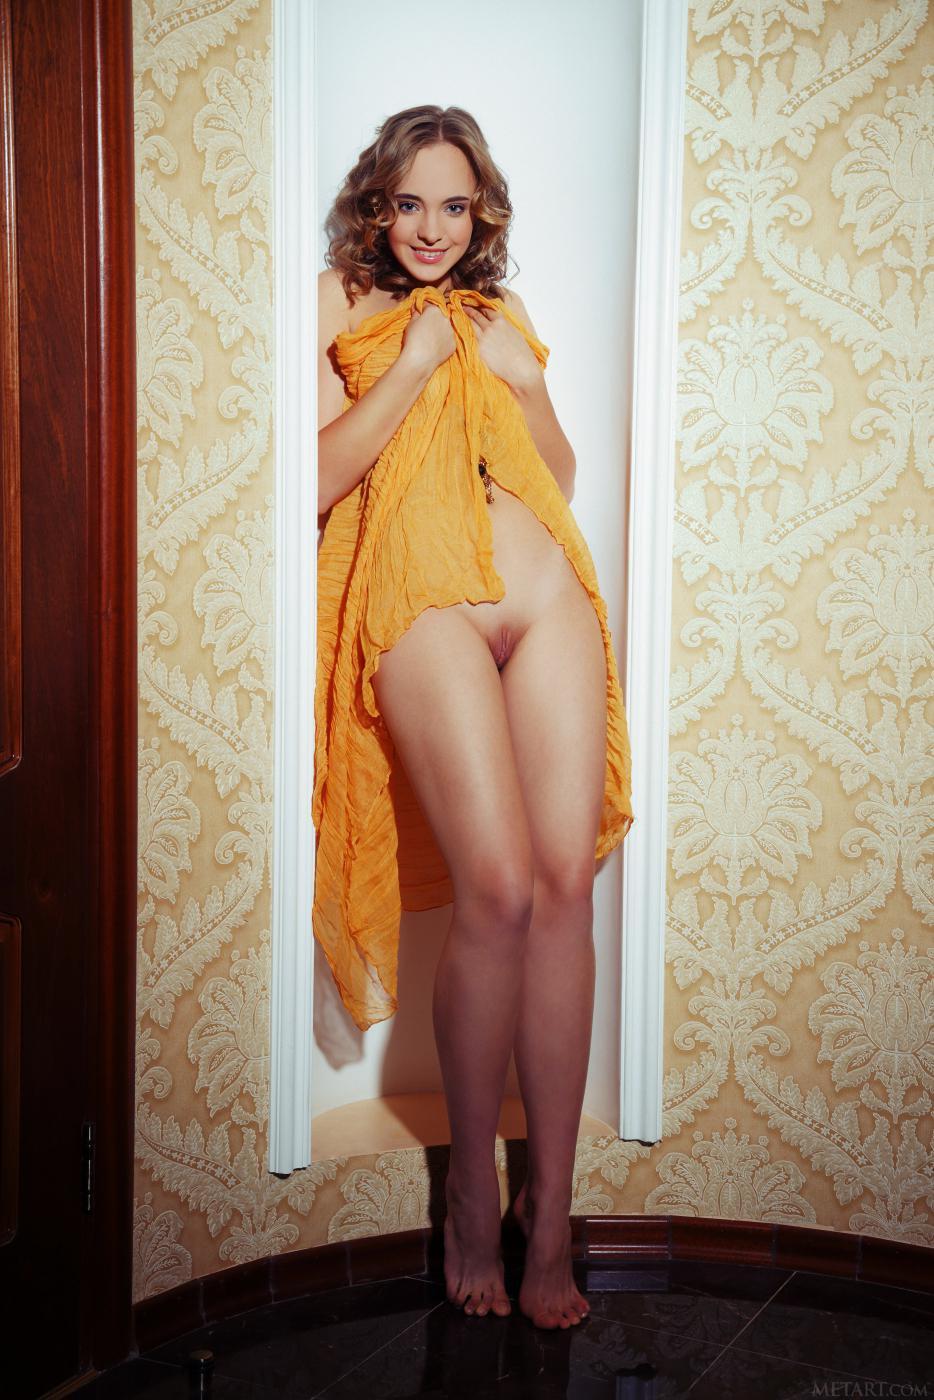 Сексапильная Rachel Blau показывает шикарную бритую вагину